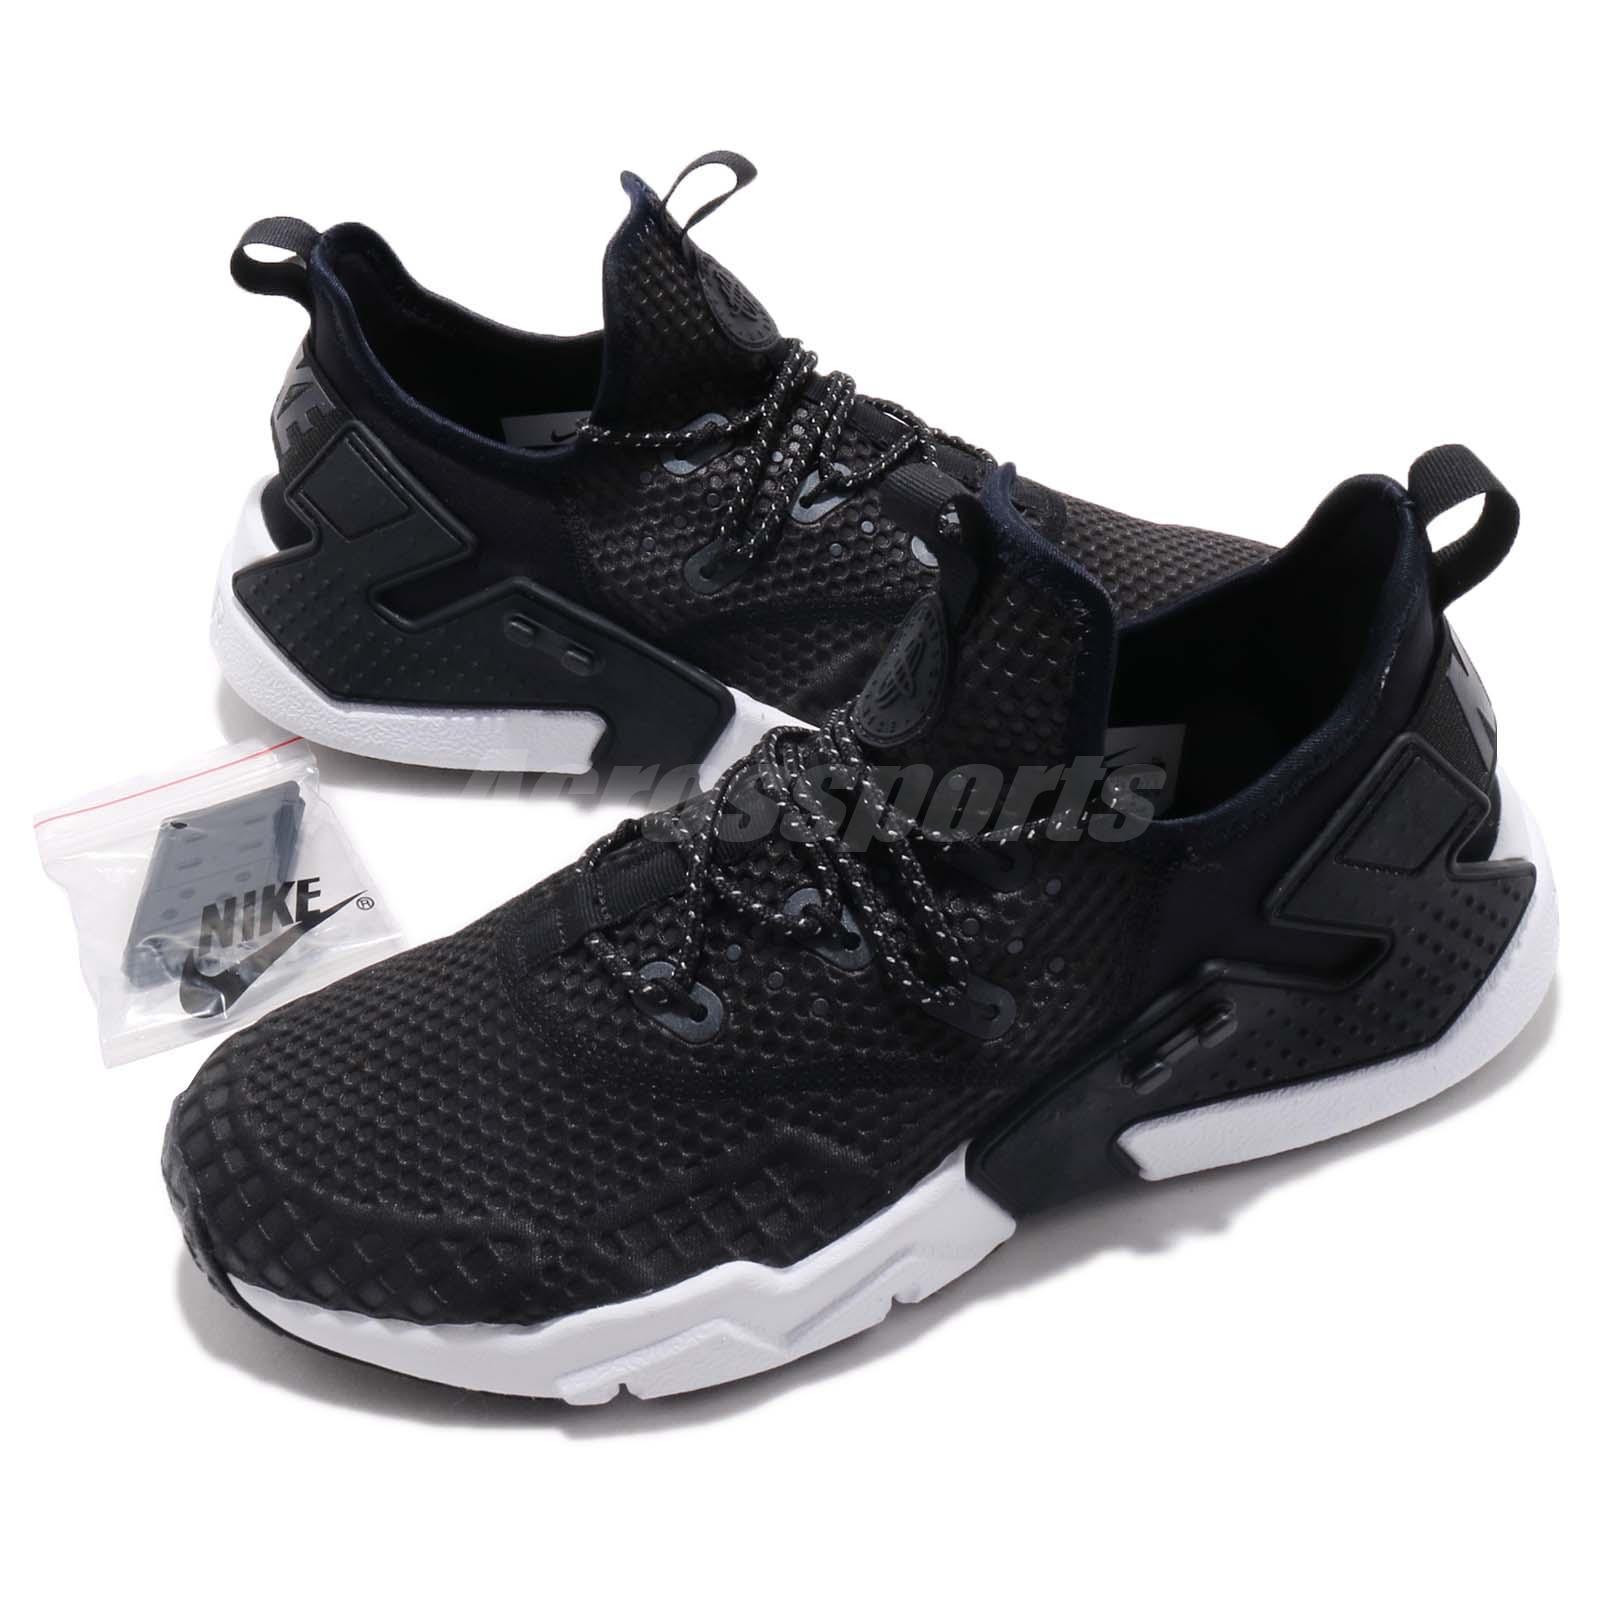 3a6da7a16942e4 Details about Nike Air Huarache Drift SE Black White Men Running Casual  Shoes AO1731-004